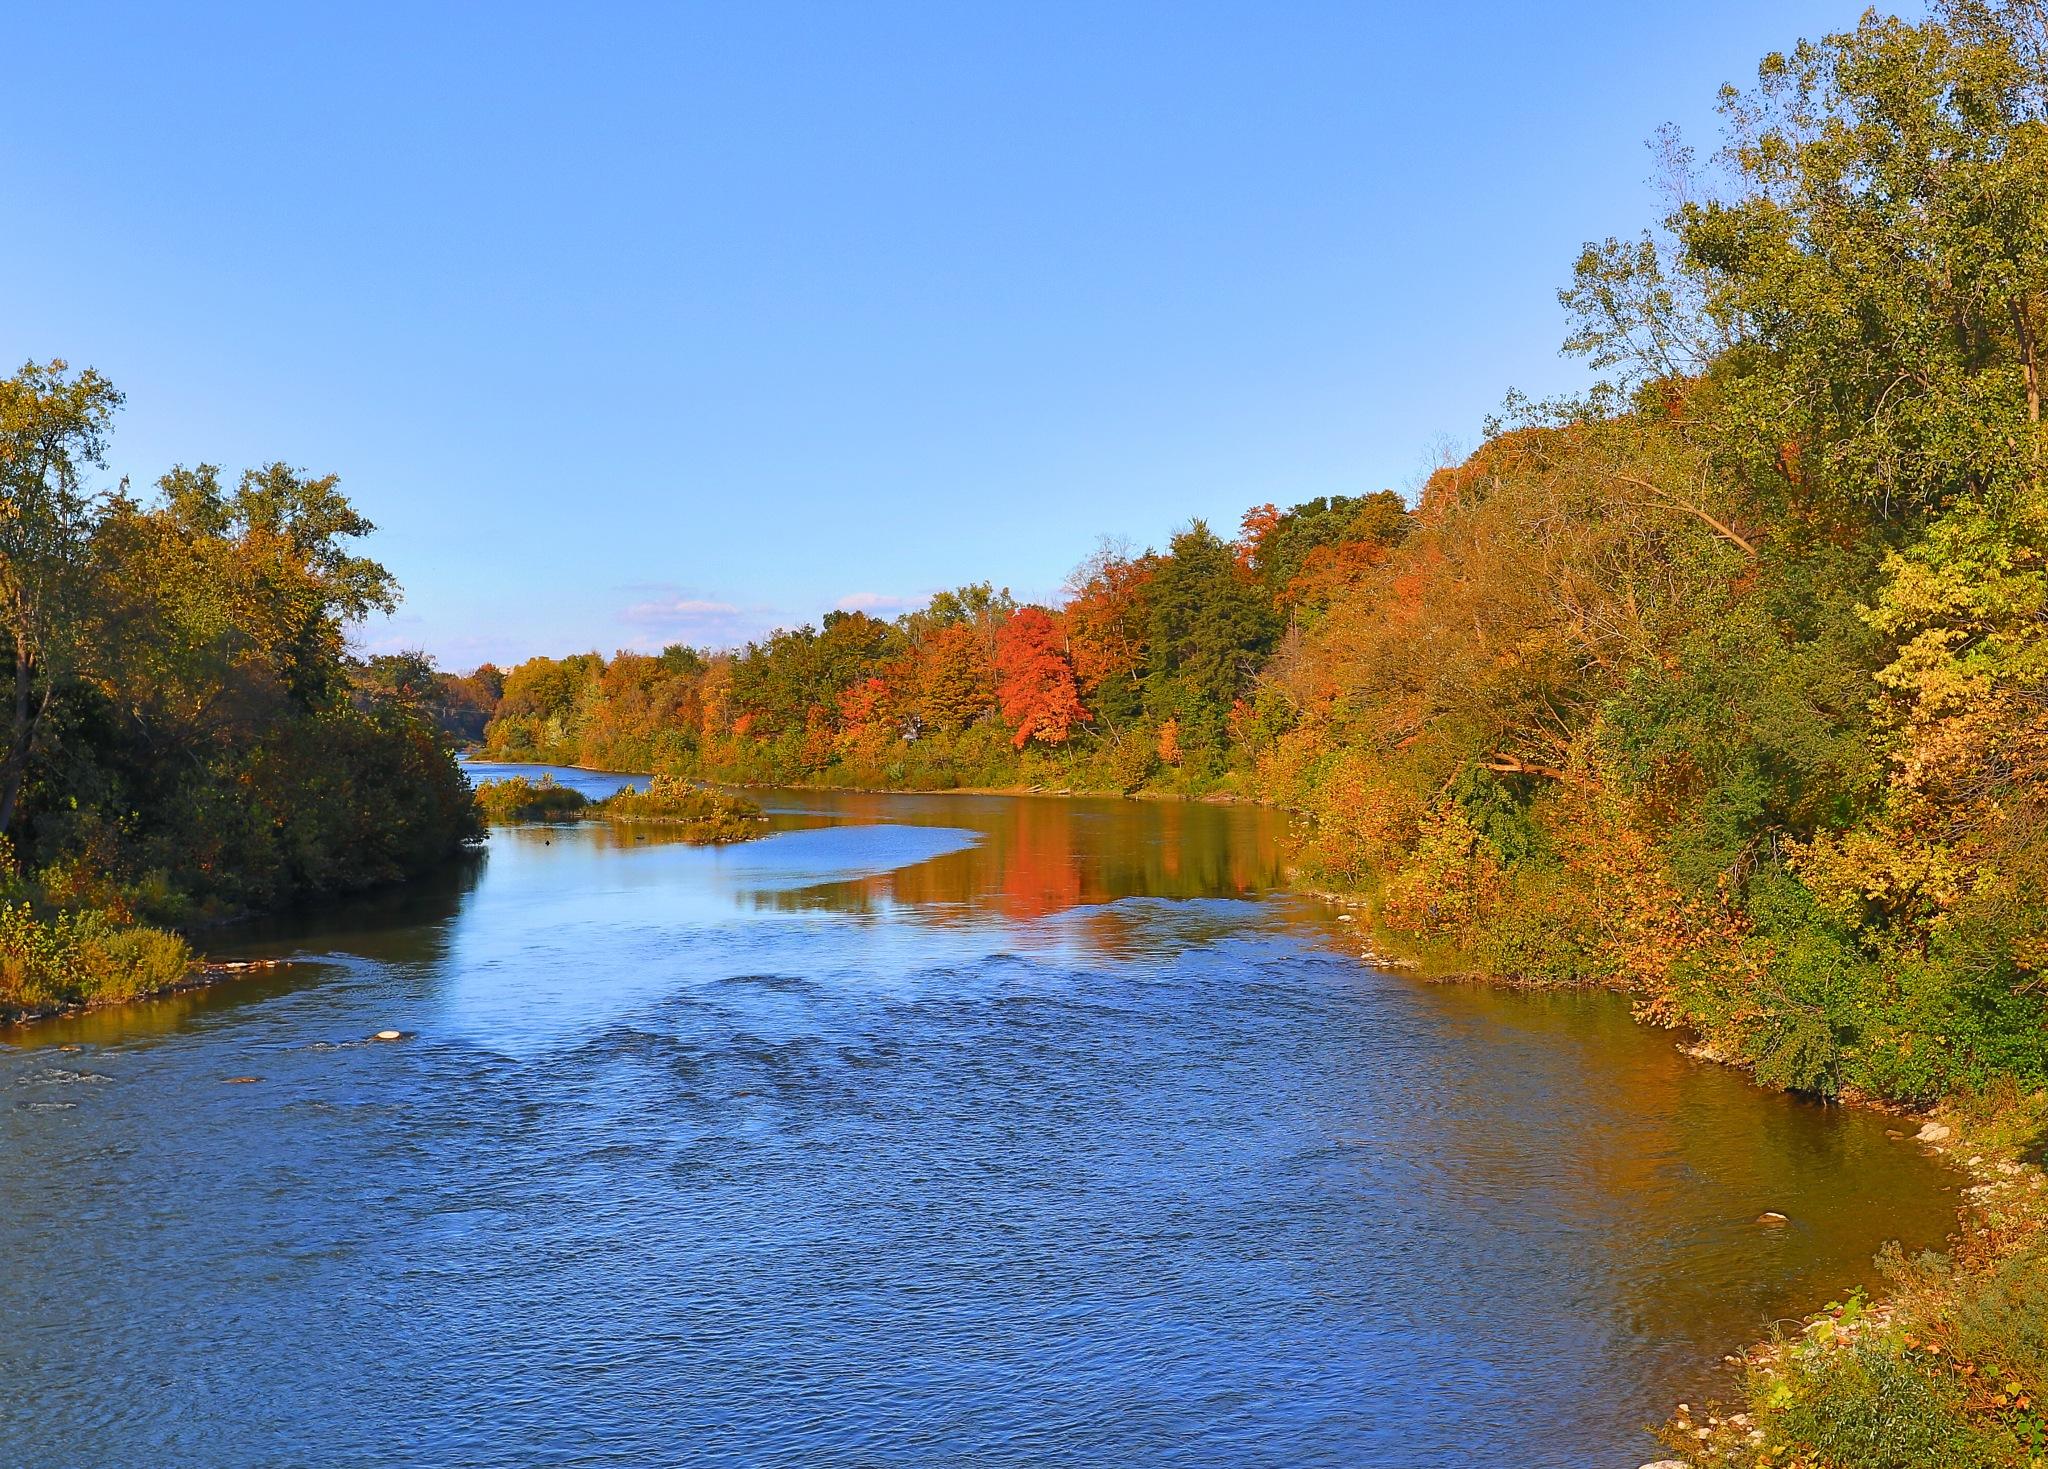 River Bend by Steve Struthers